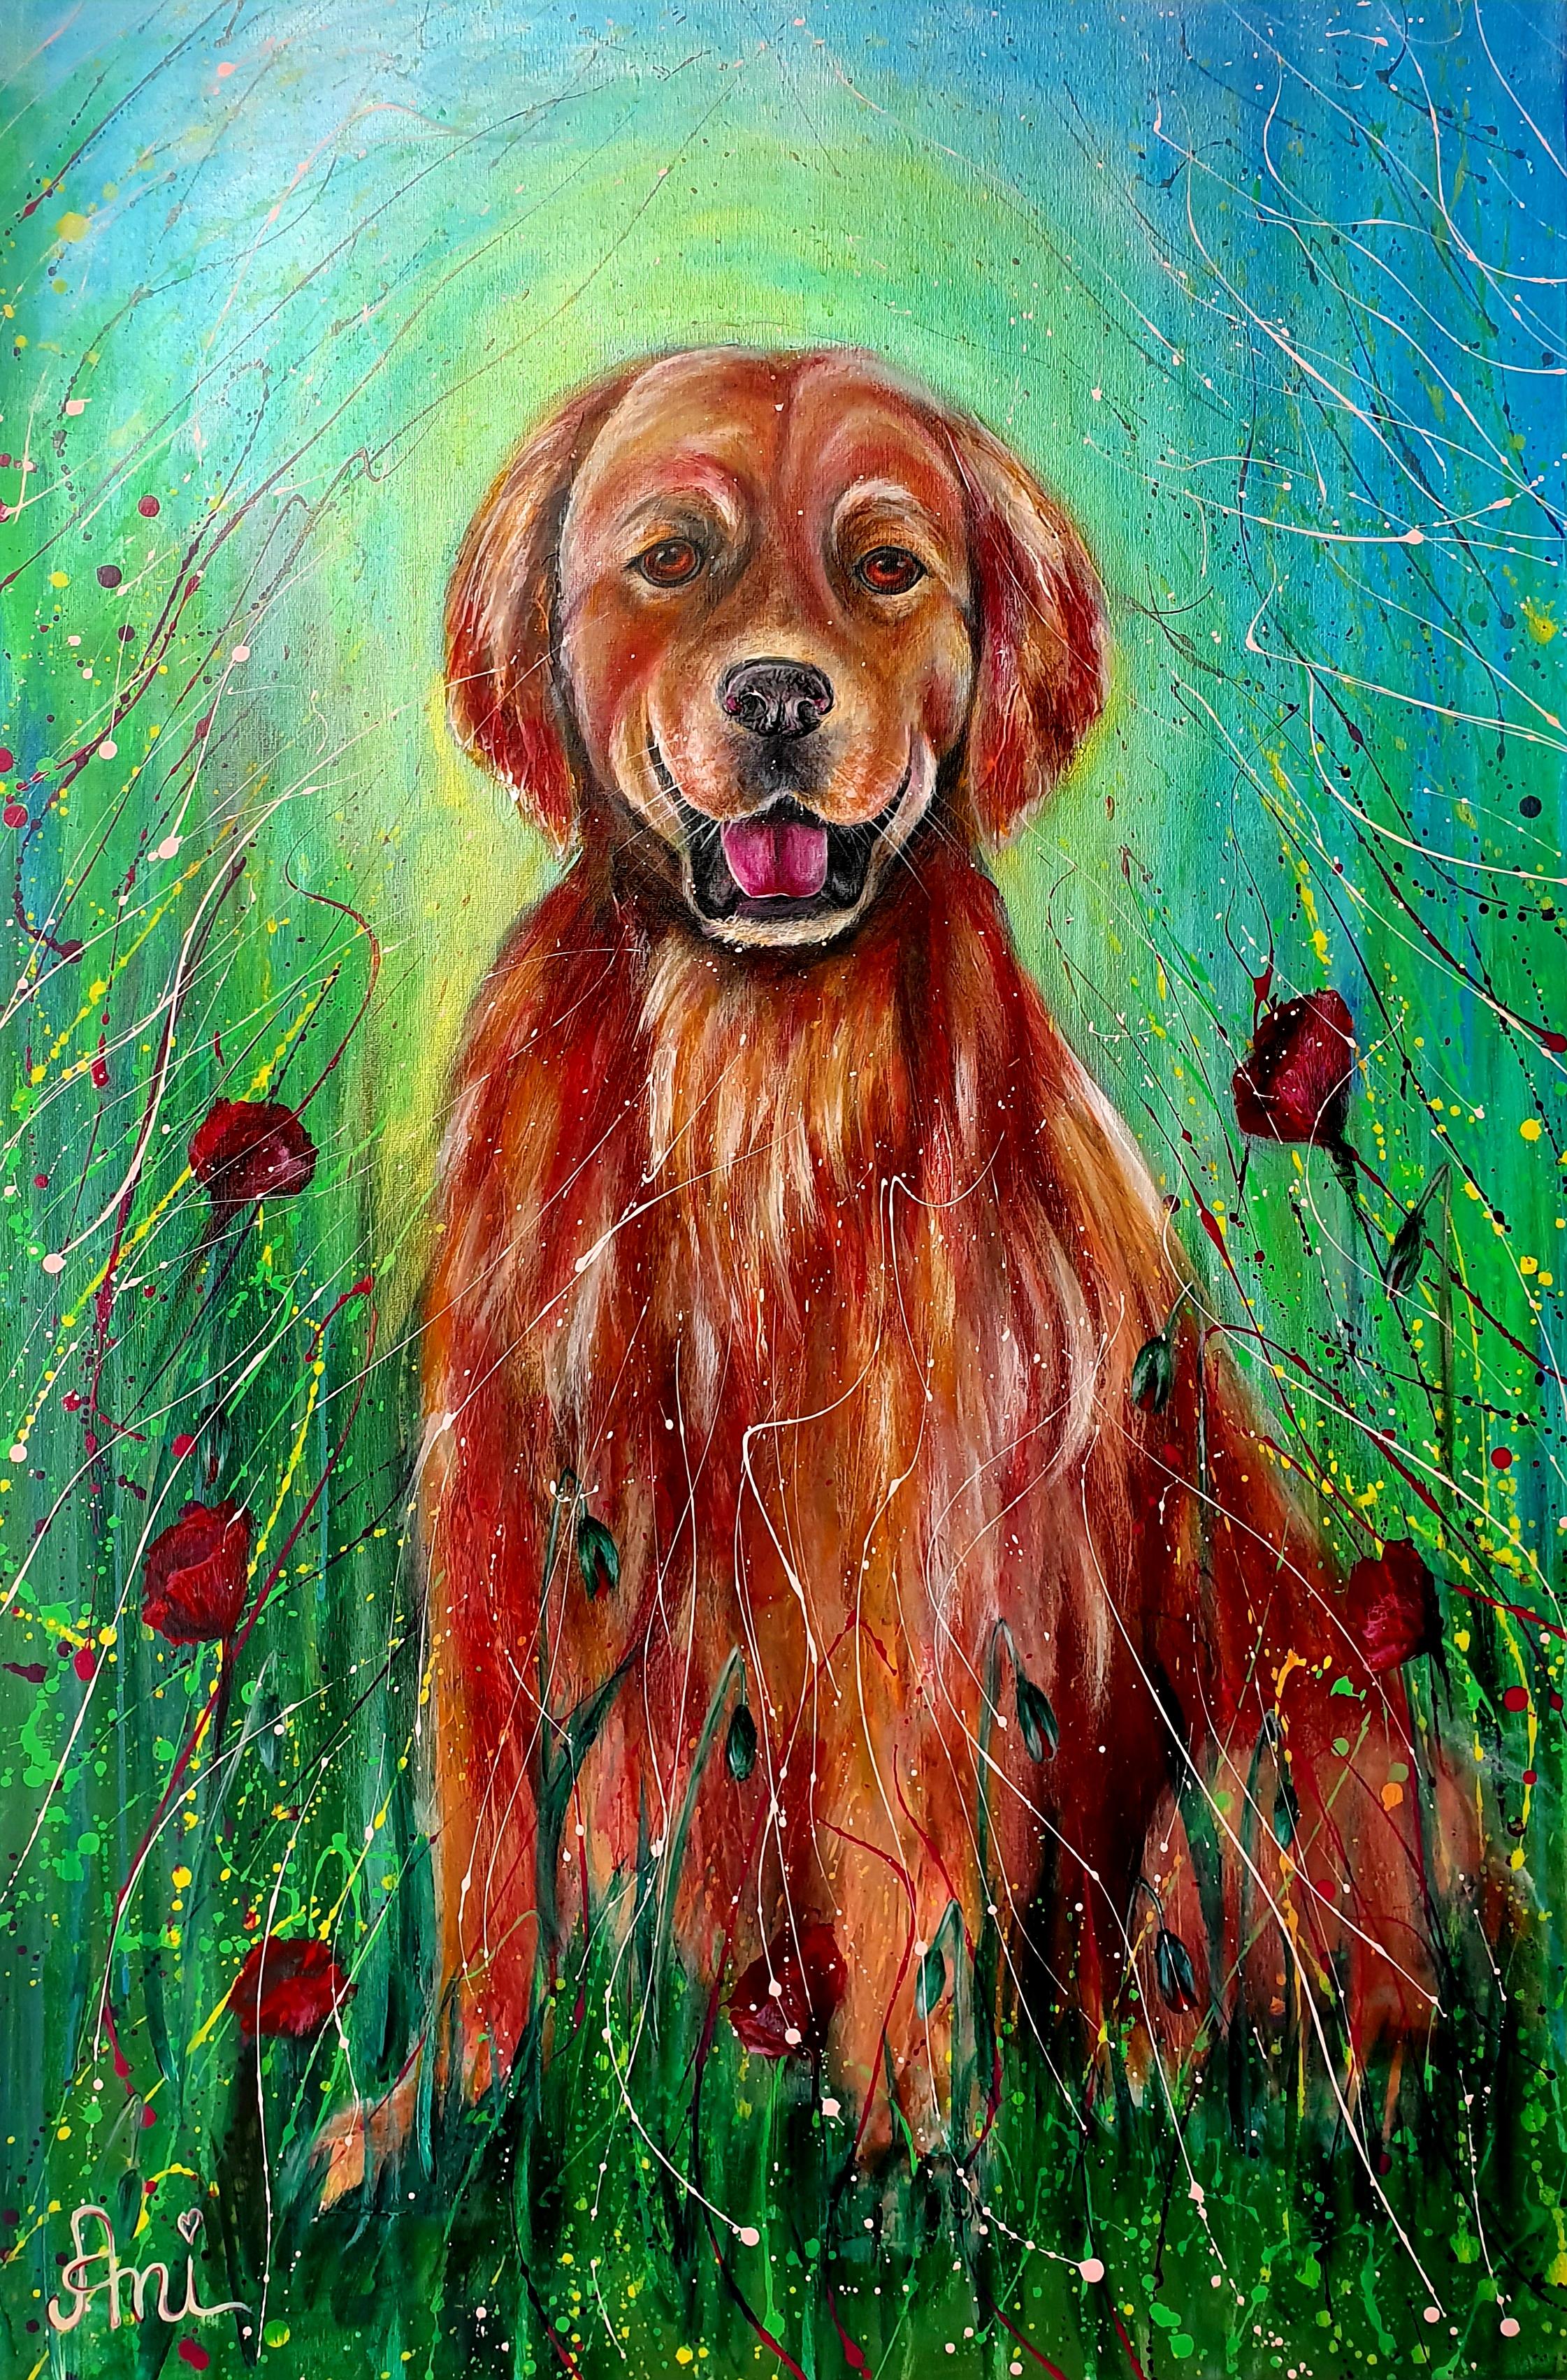 Le chien heureux:  Peinture acrylique sur toile, 115cm x 75cm  Prix: 1250€ + frais de port